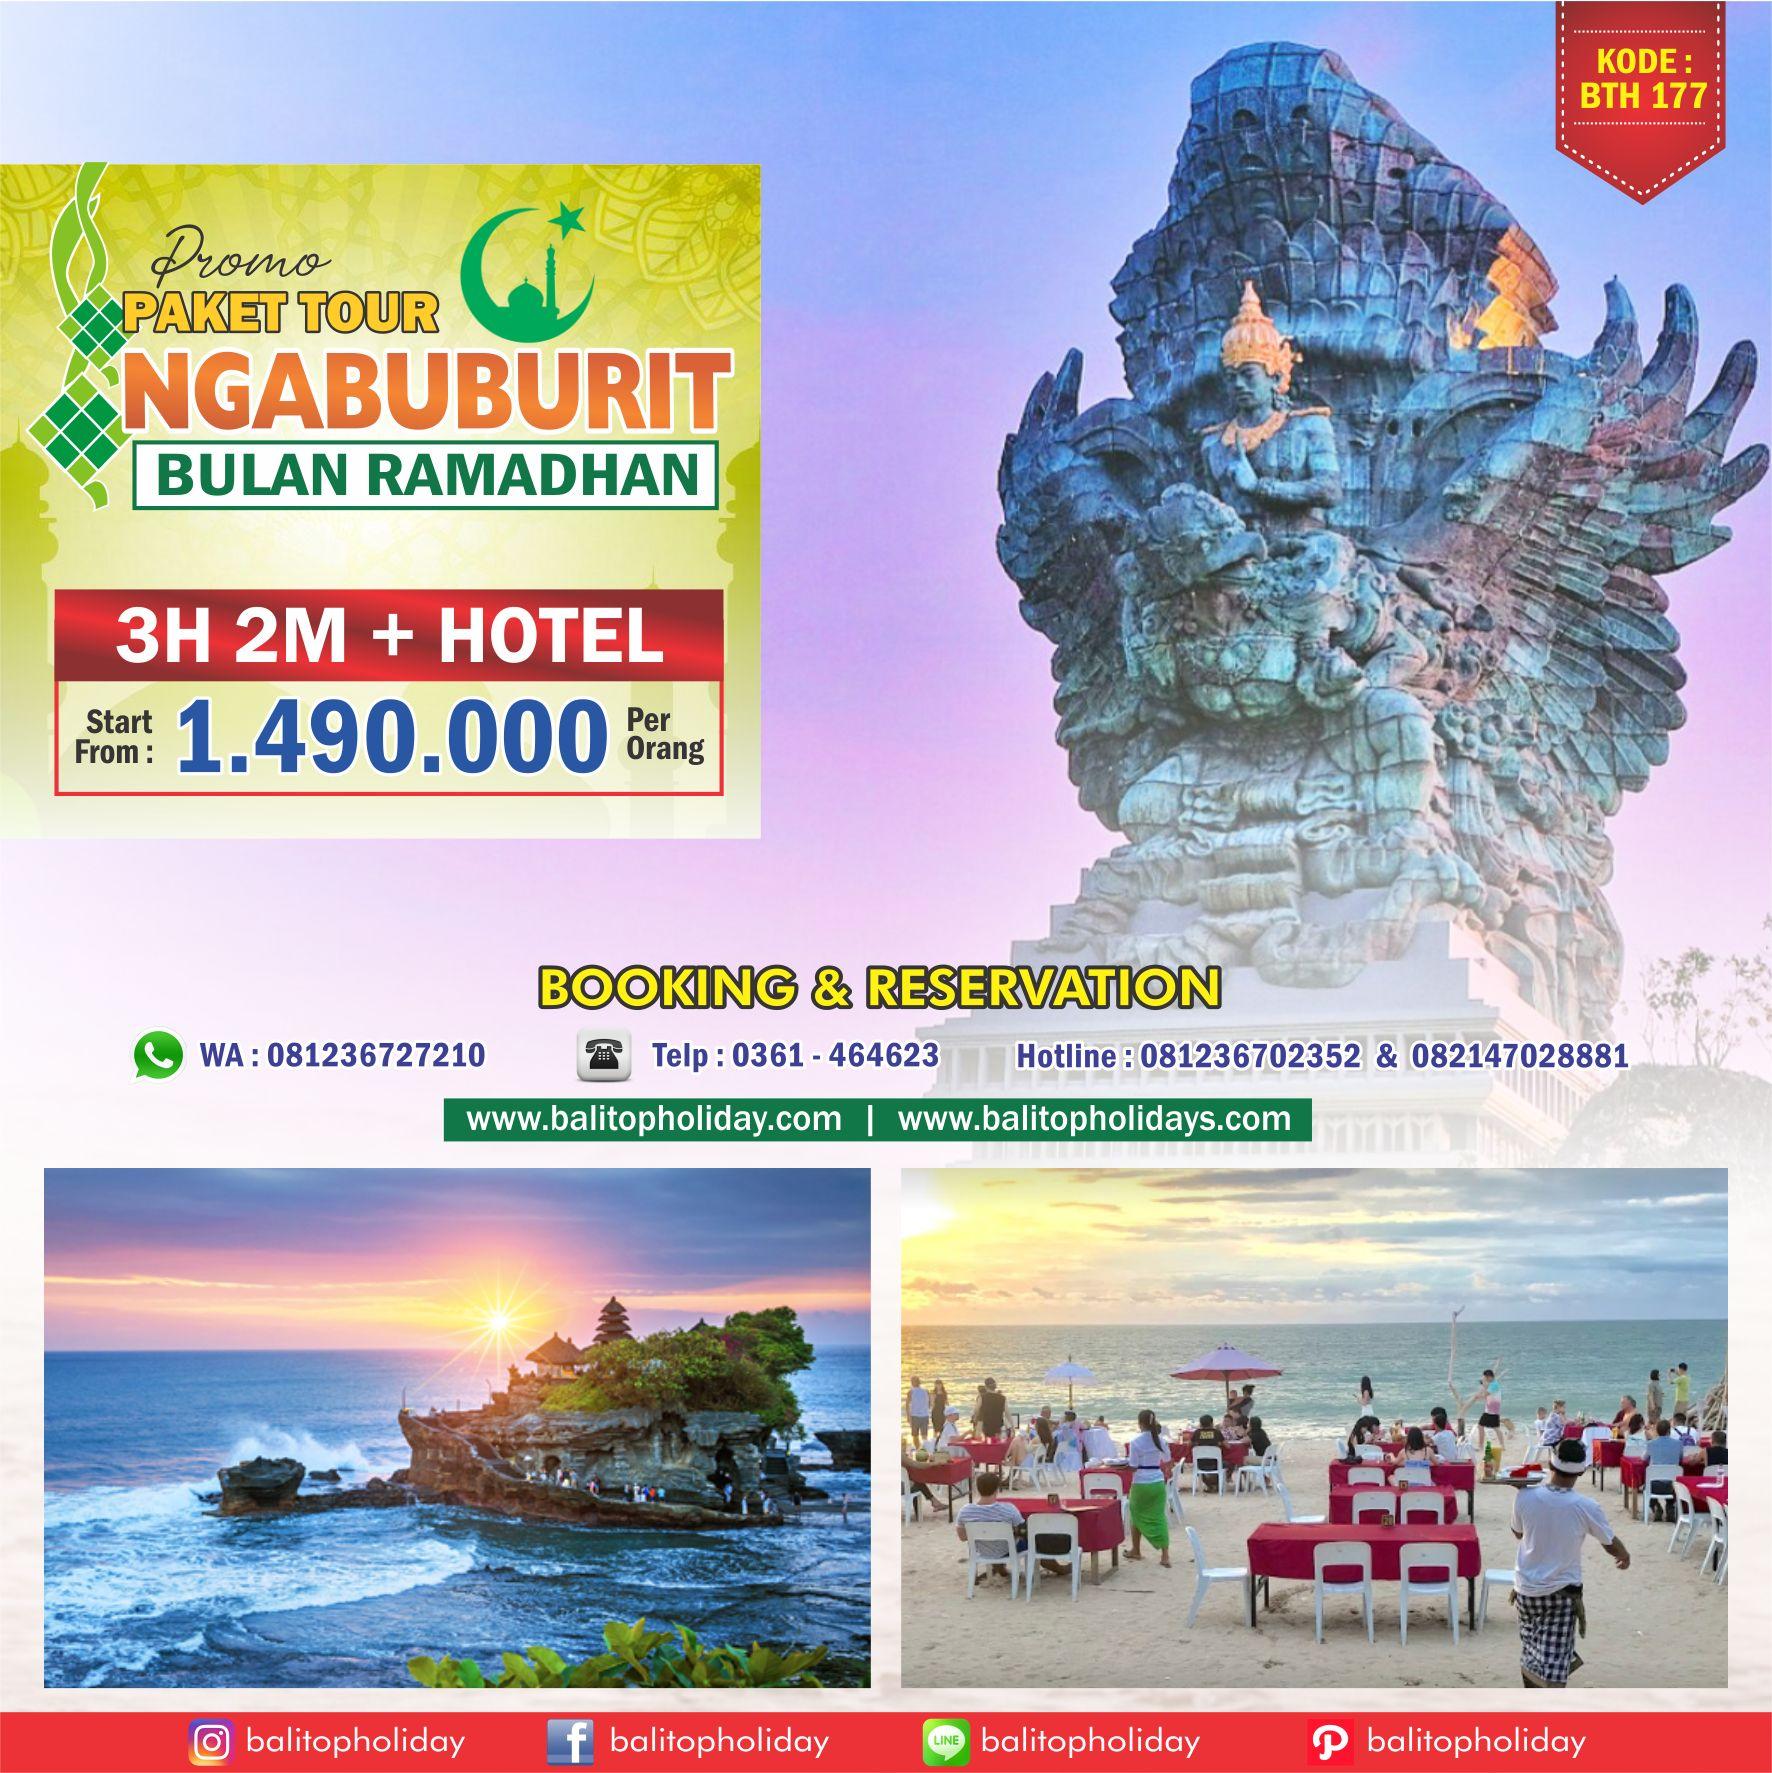 Paket tour Bali Ramadhan / puasa 2019